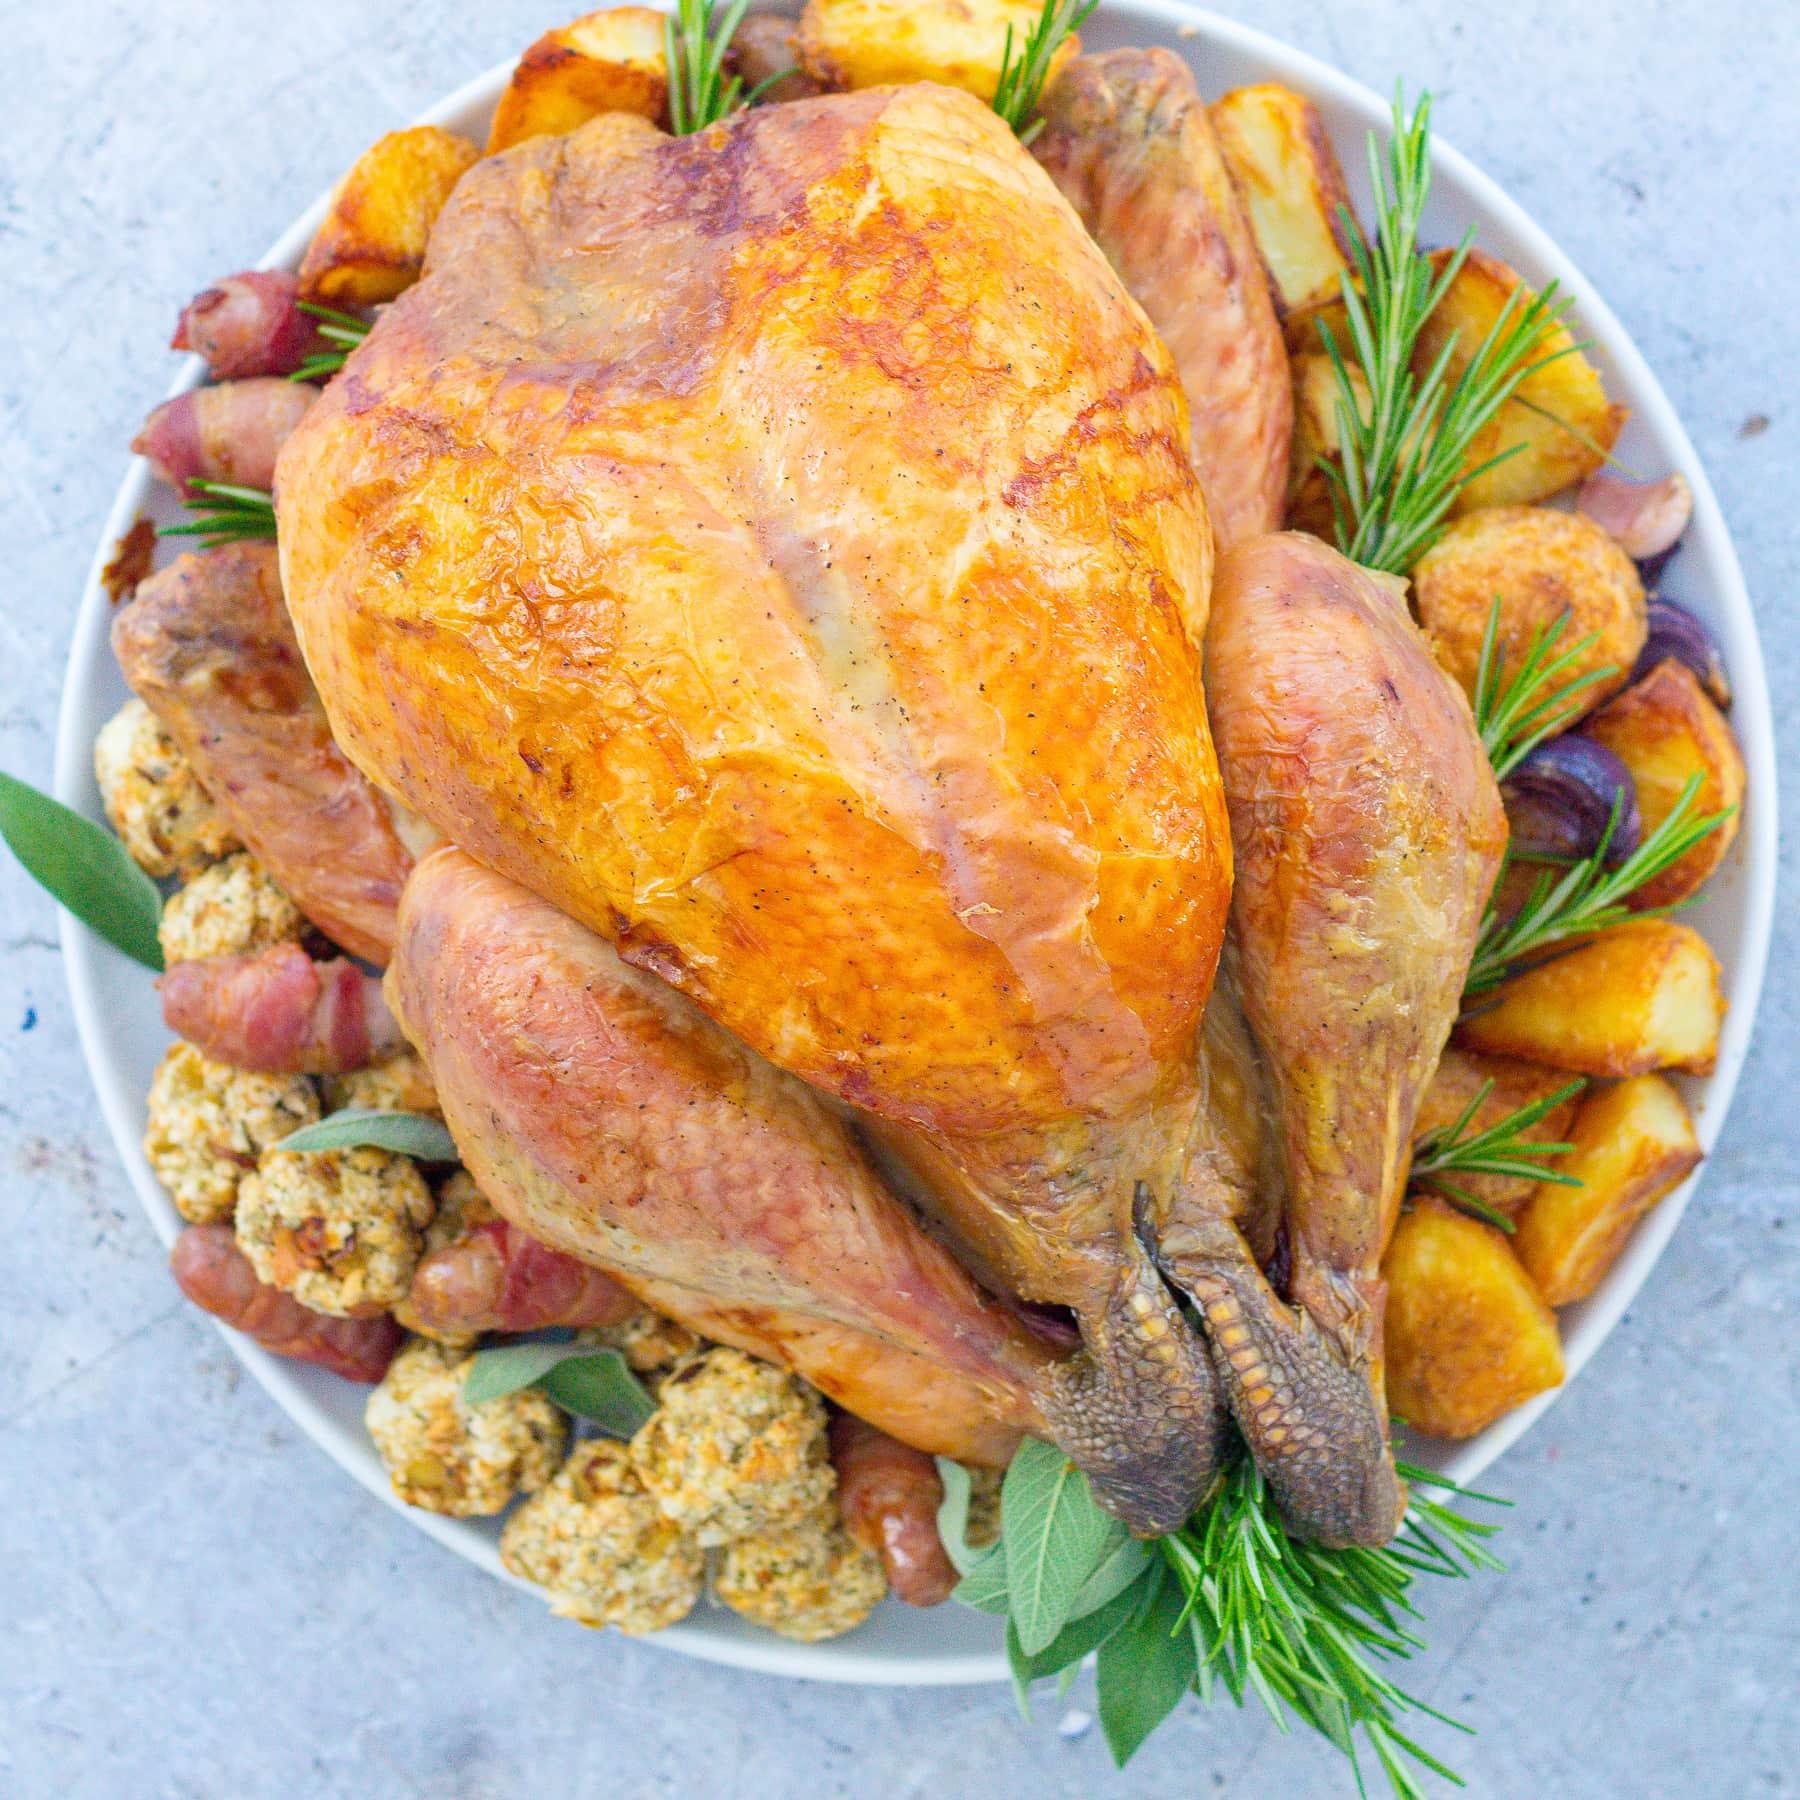 Perfect Roast Turkey - Stress Free